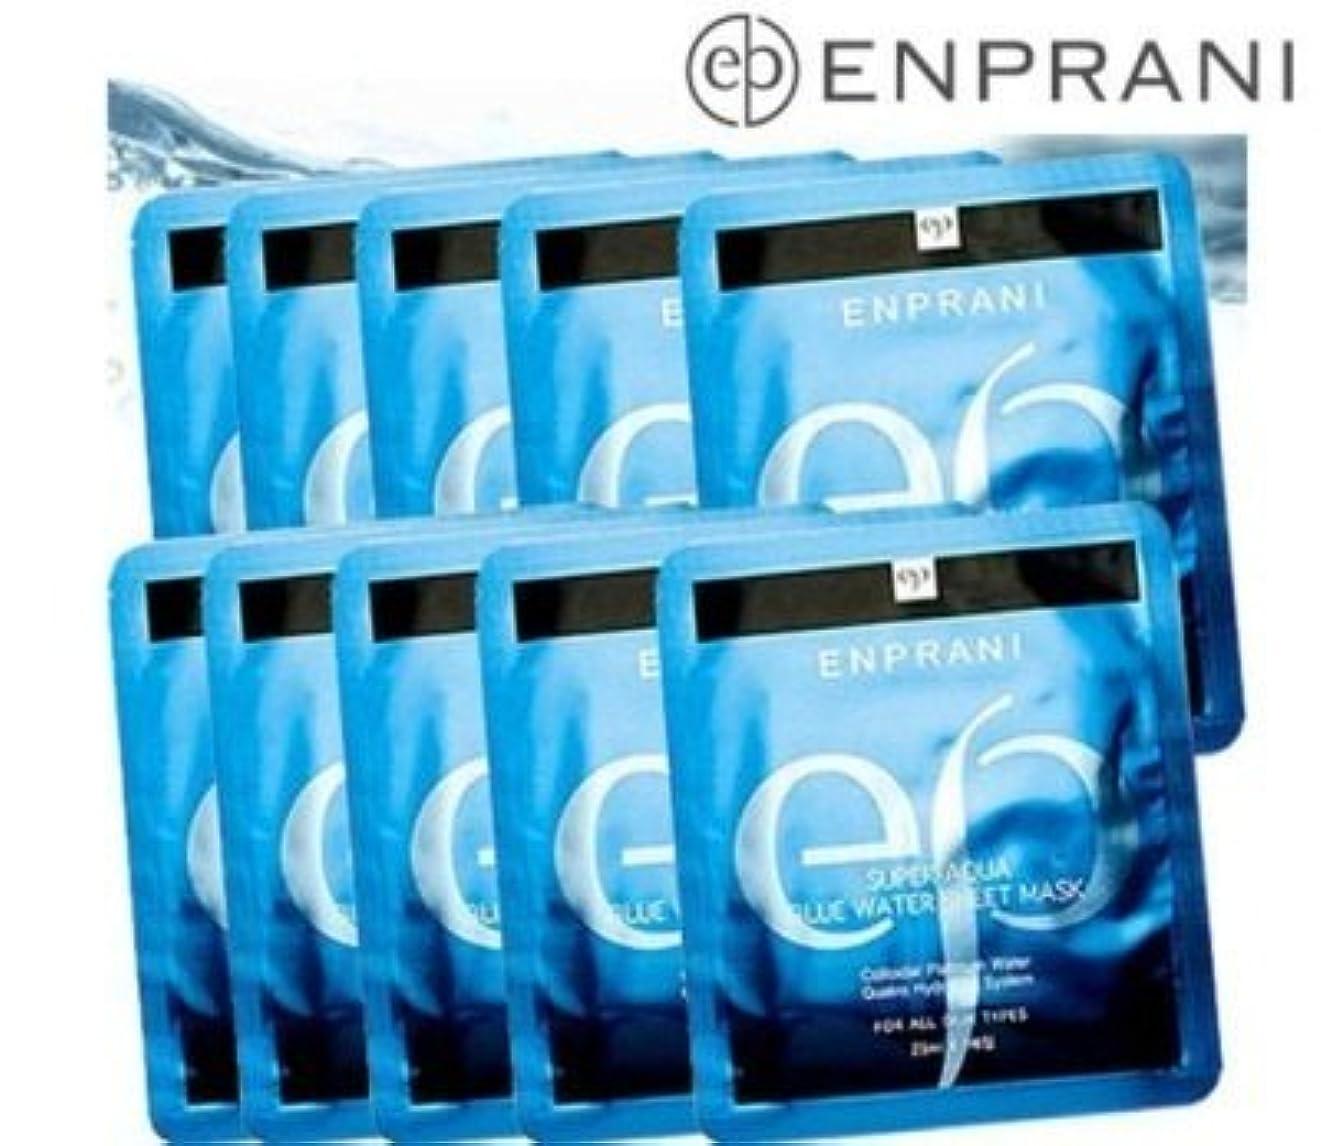 延期する修復癒す[30枚][エンプラニ ] ENPRANI [スーパーアクア シートマスク パック 30枚](Super Aqua Seat Mask 30 Sheets) [並行輸入品]